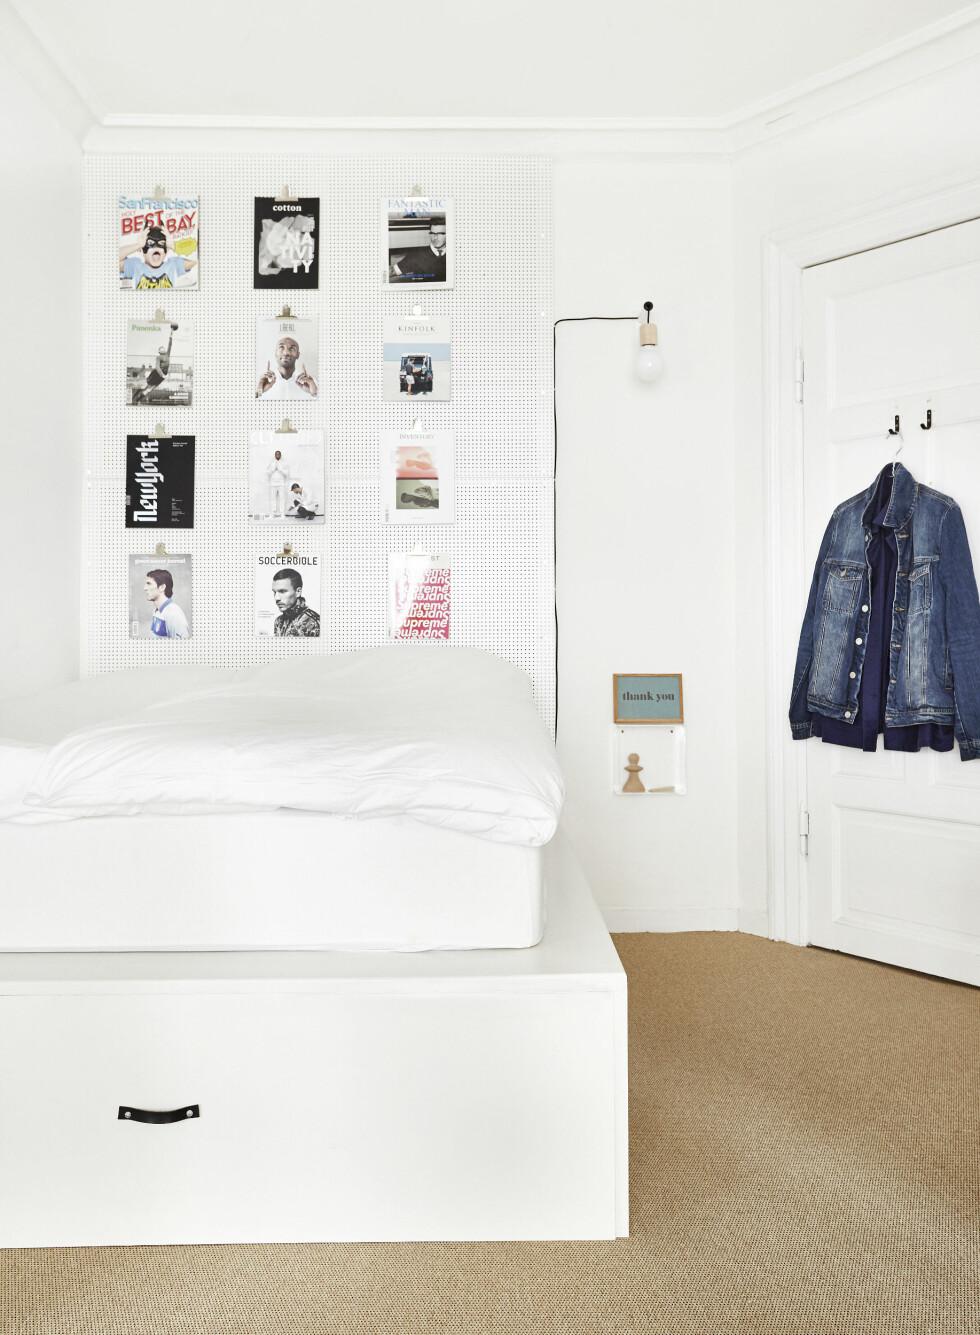 TRENDY SOVEROM: Under sengen er det gjort plass til oppbevaring av sengetøy. Sengen er hjemmebygget. Sengebordet er fra Hay. Lampen er laget av et bordbein som det er boret et hull i og kjørt en sokkel gjennom - sokkelen er fra Colors by Copenhagen. Skriveplater fra Søstrene Grene er brukt i stedet for bilderammer. Foto: Klix Kommunikation